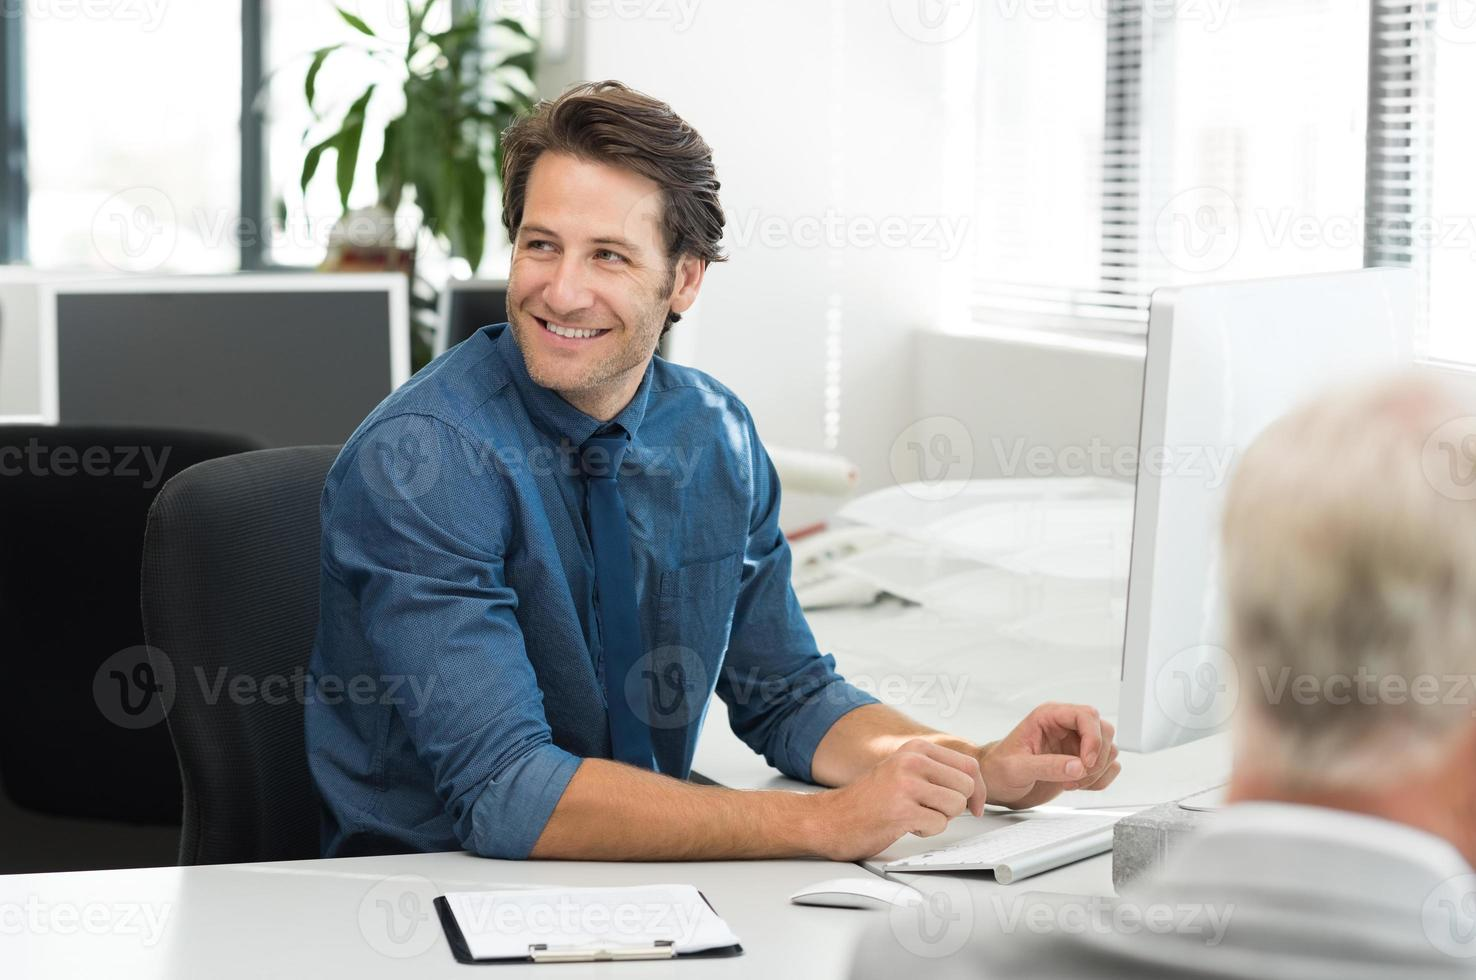 empresário feliz trabalhando foto